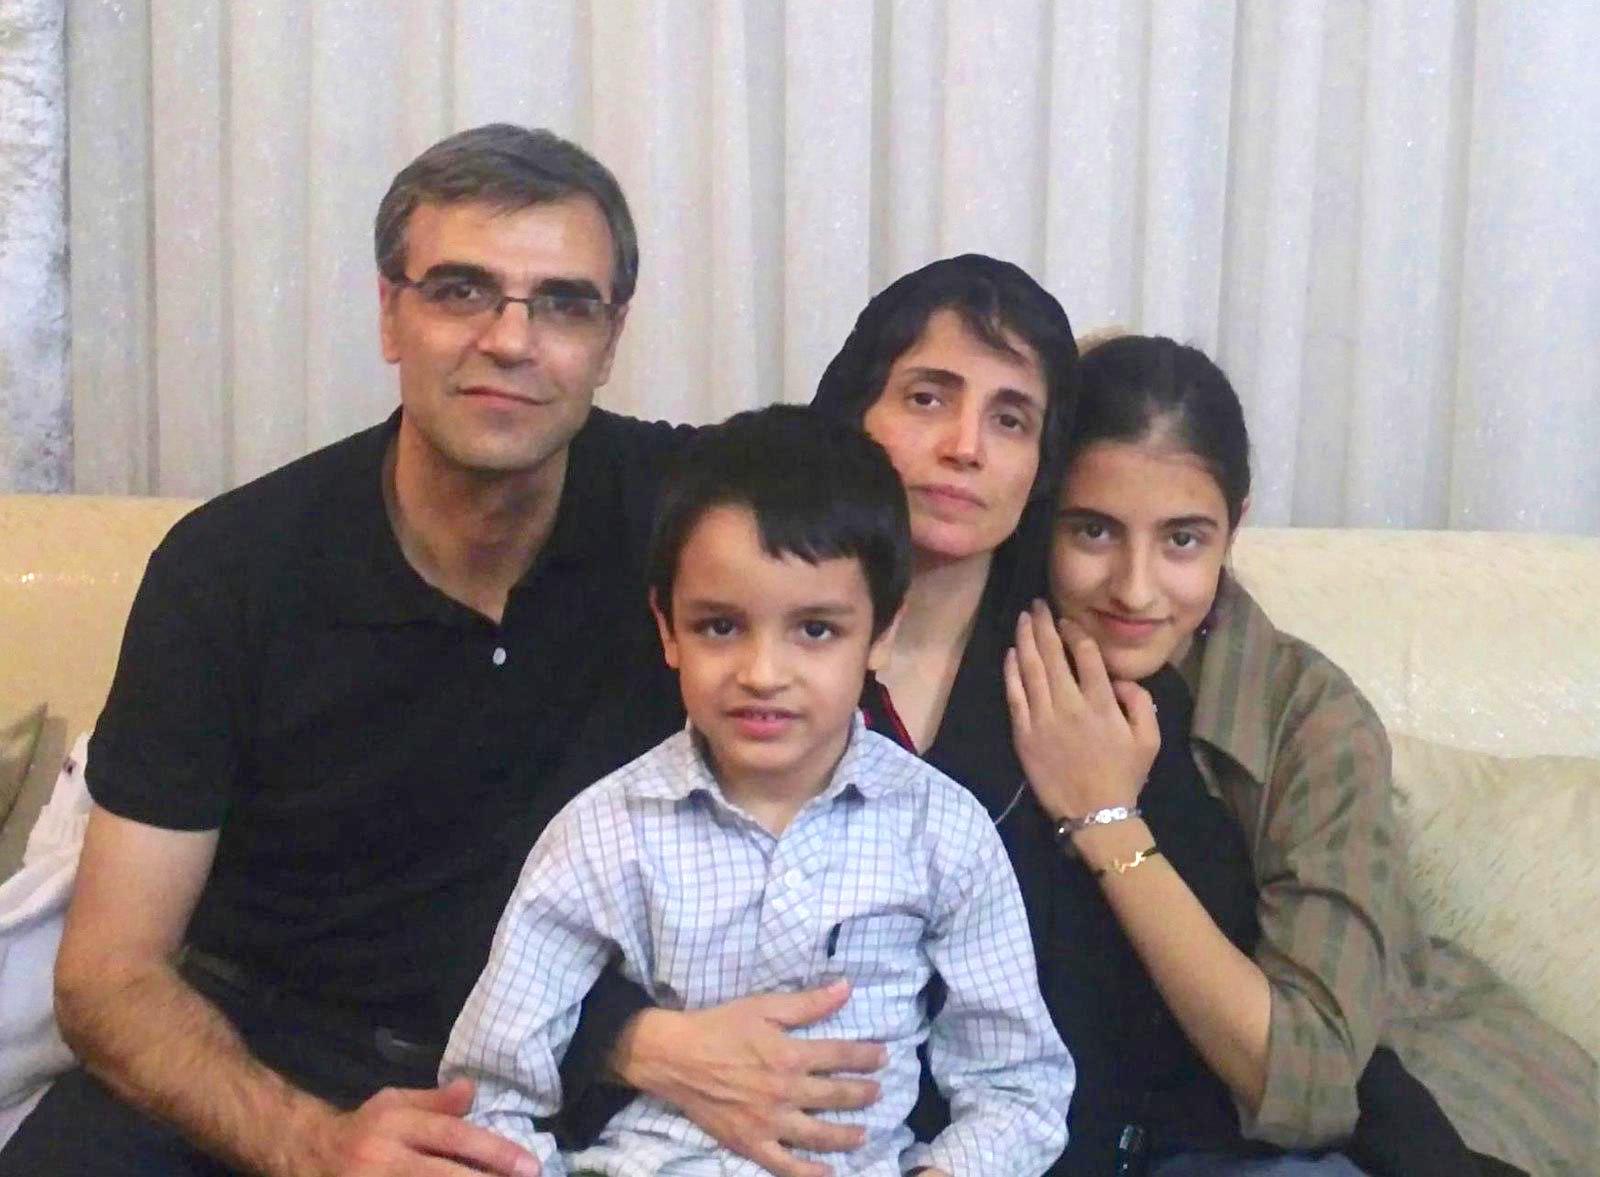 Nasrin Sotoudeh, Reza Khandan und ihre gemeinsamen Kinder